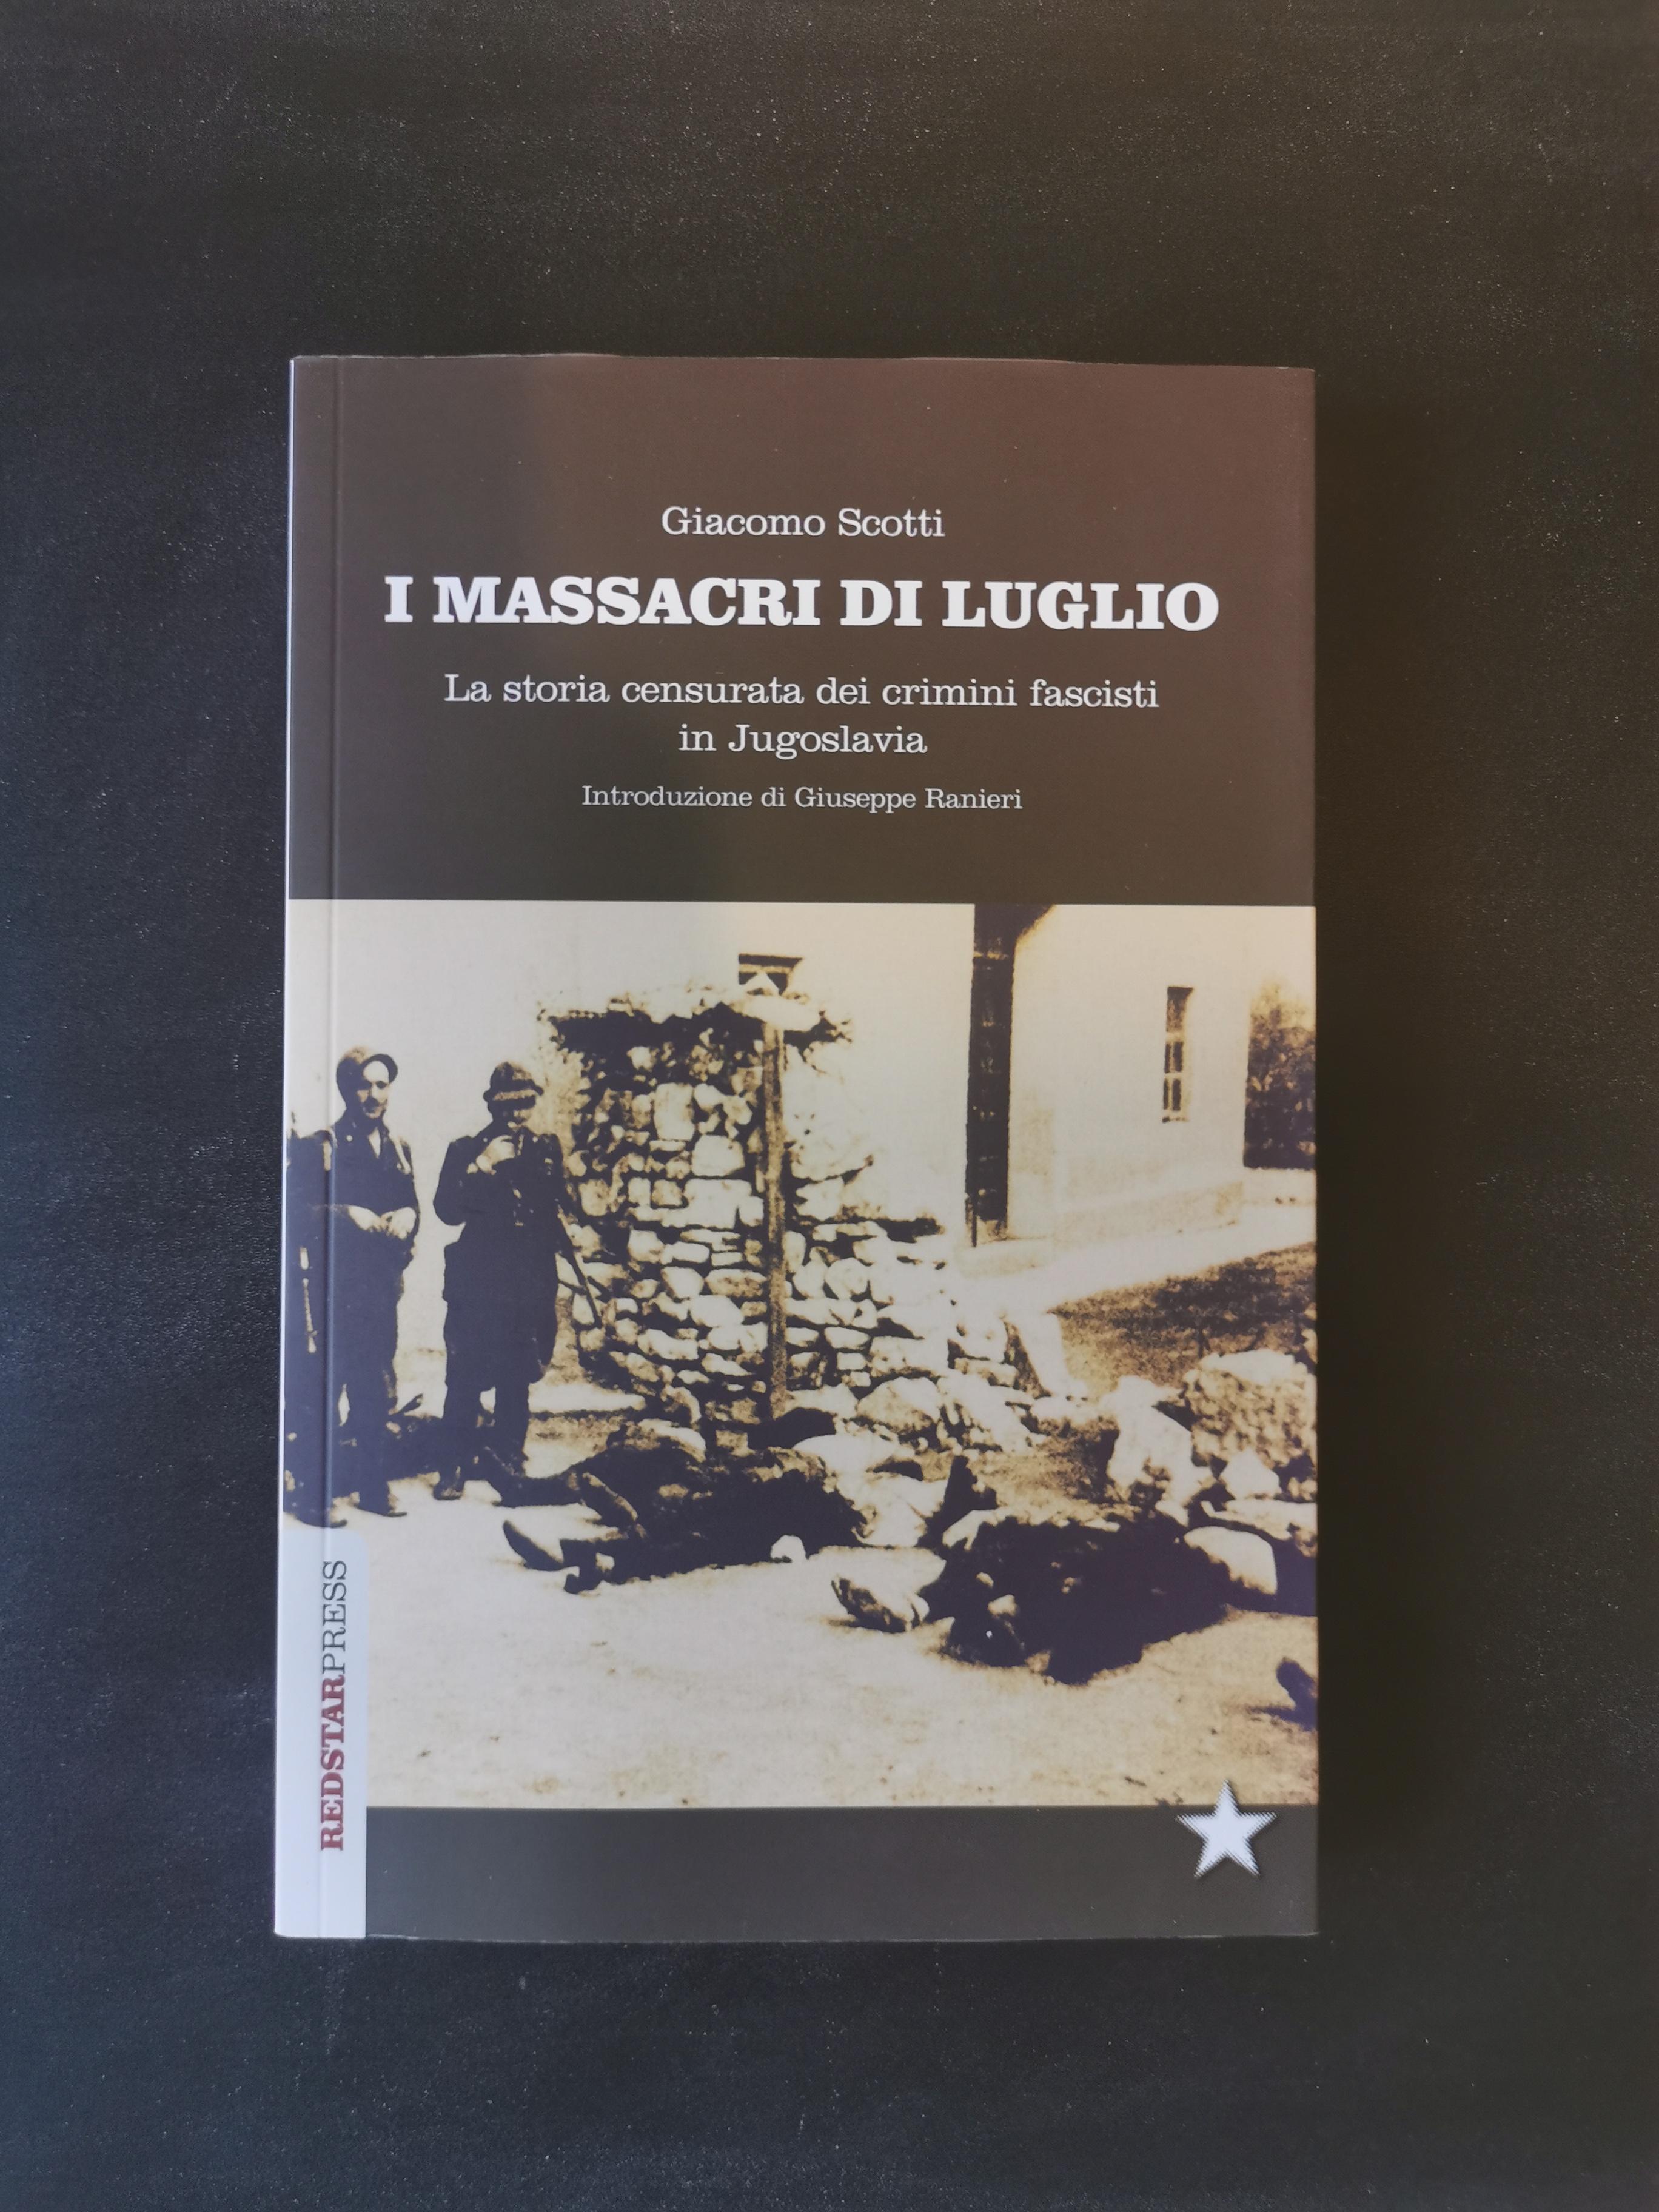 I massacri di luglio - La storia censurata dei crimini fascisti in Jugoslavia